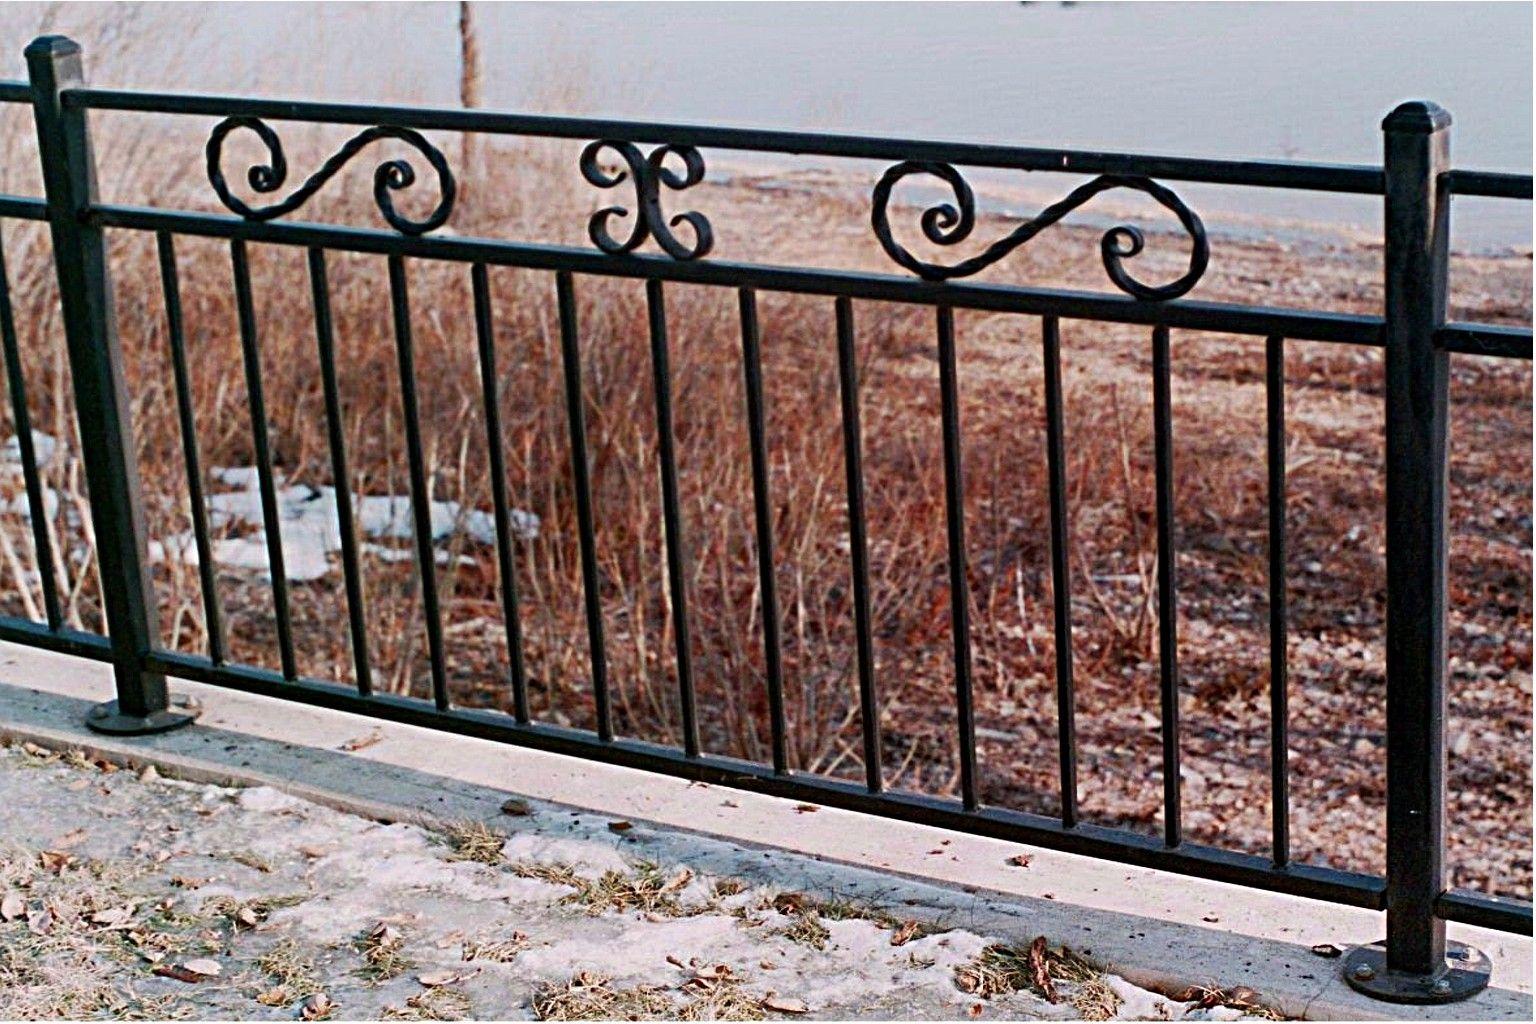 供甘肃定西铁艺栏杆和平凉铁艺围栏供应商 -慧聪网